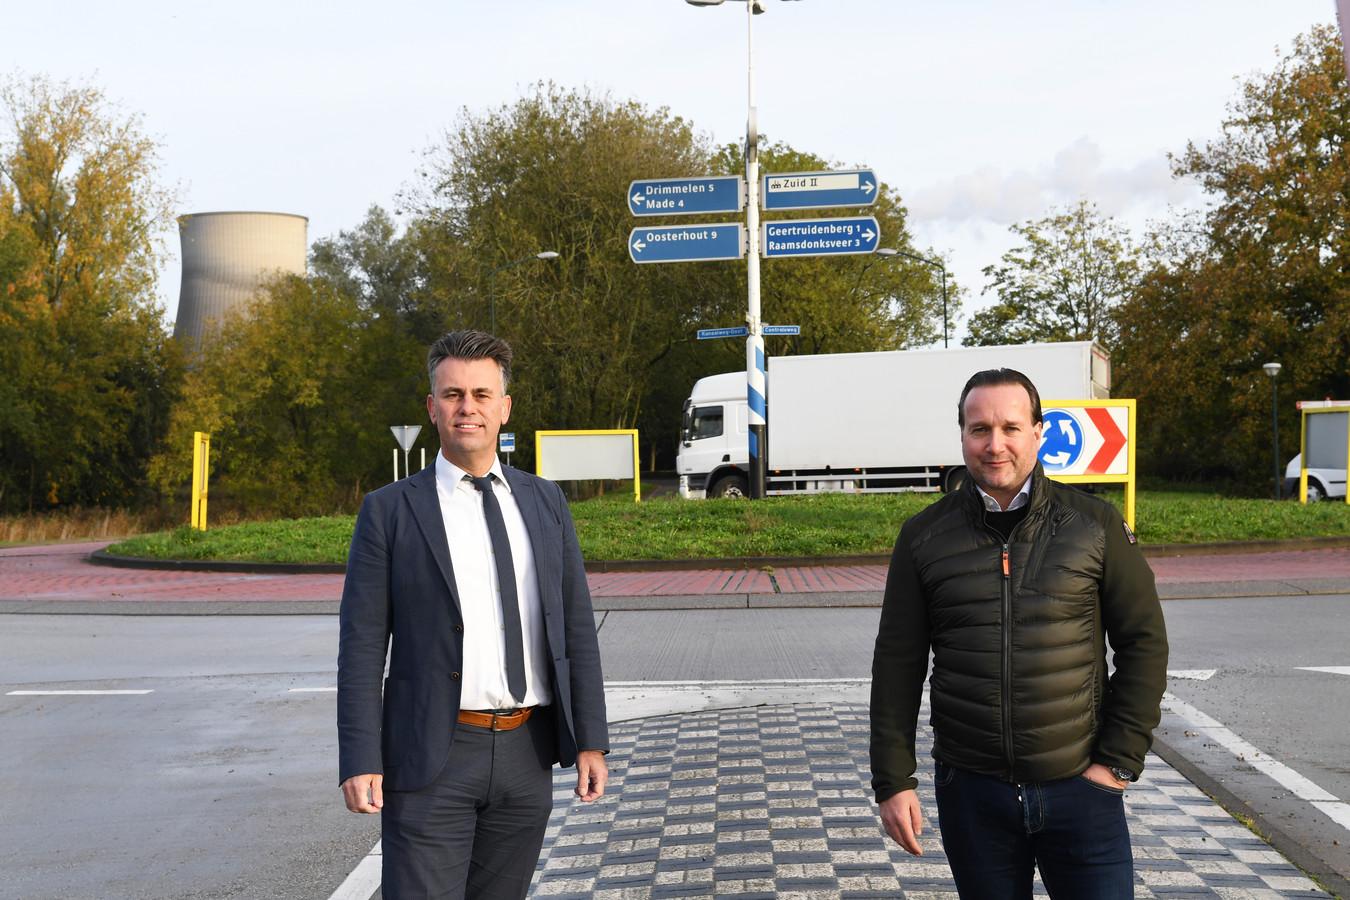 Ondernemers als Marco Verbrugge (links) en Koen de Rooij van de VOG pikken het niet dat bedrijven in Geertruidenberg 17 procent meer OZB moeten betalen vanwege minder inkomsten uit de Amercentrale.